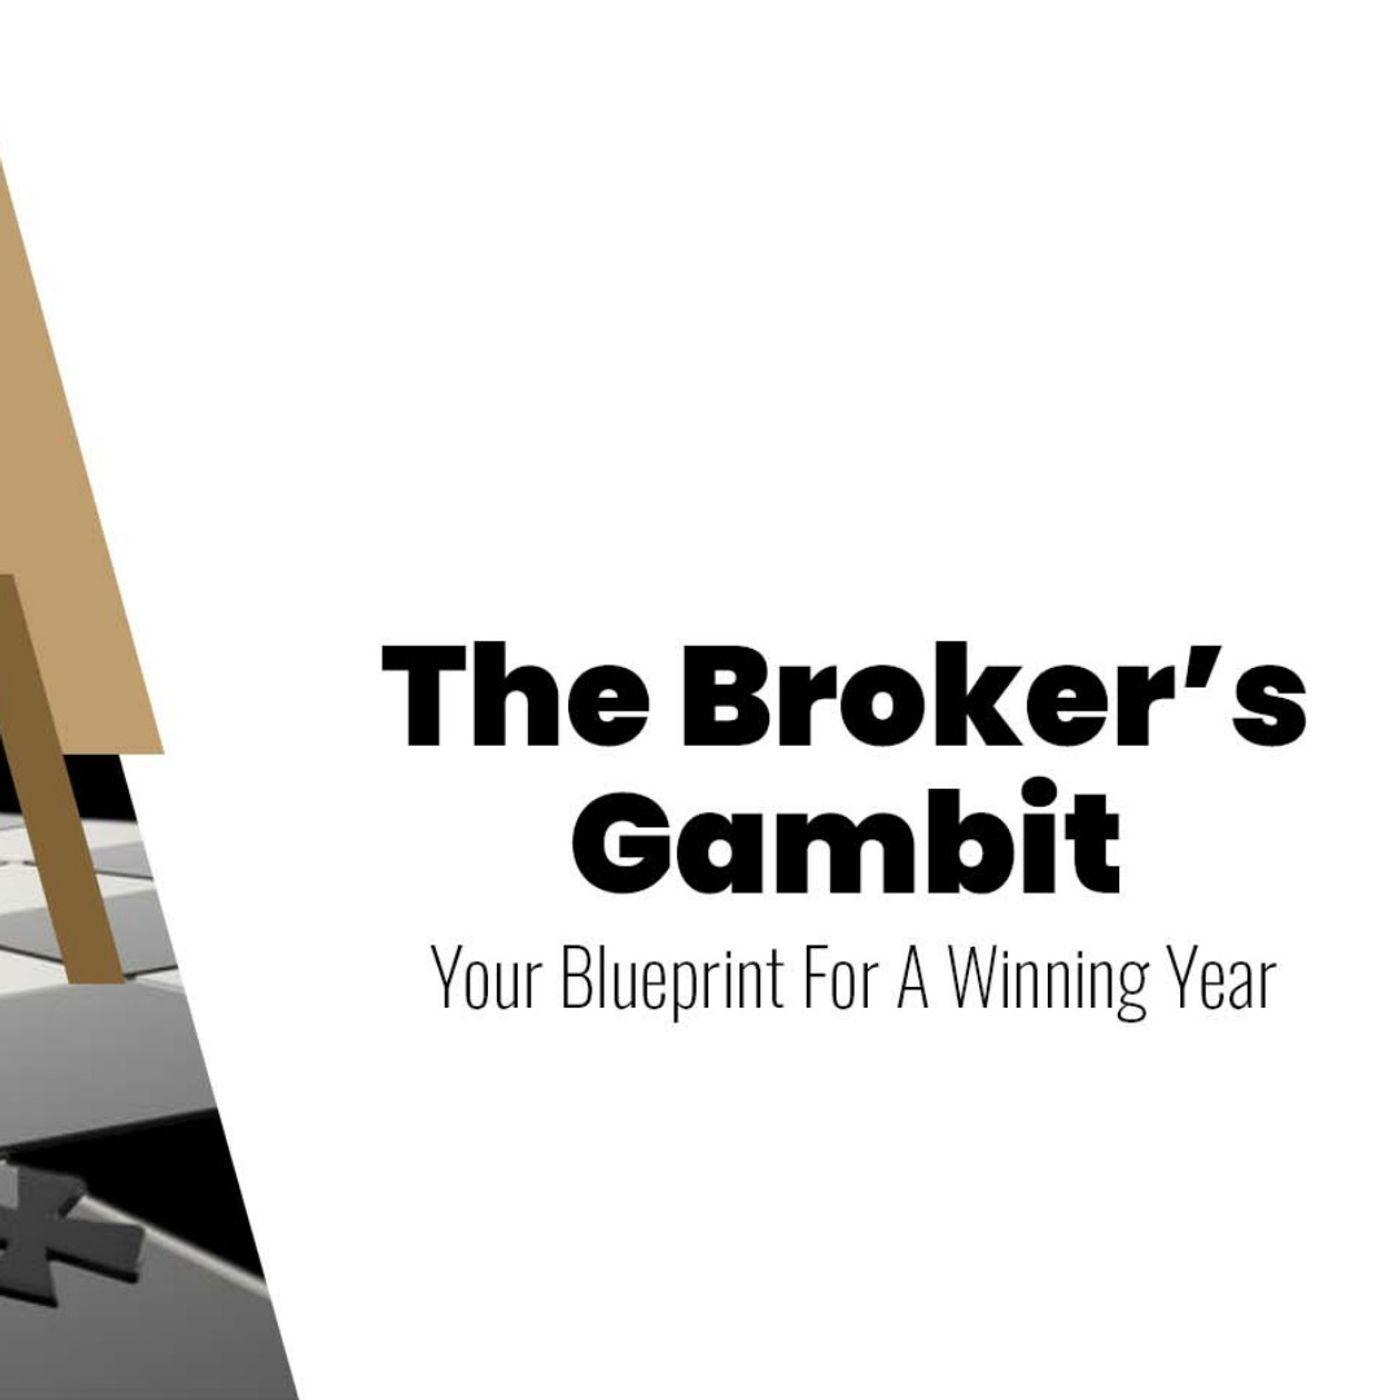 The Broker's Gambit